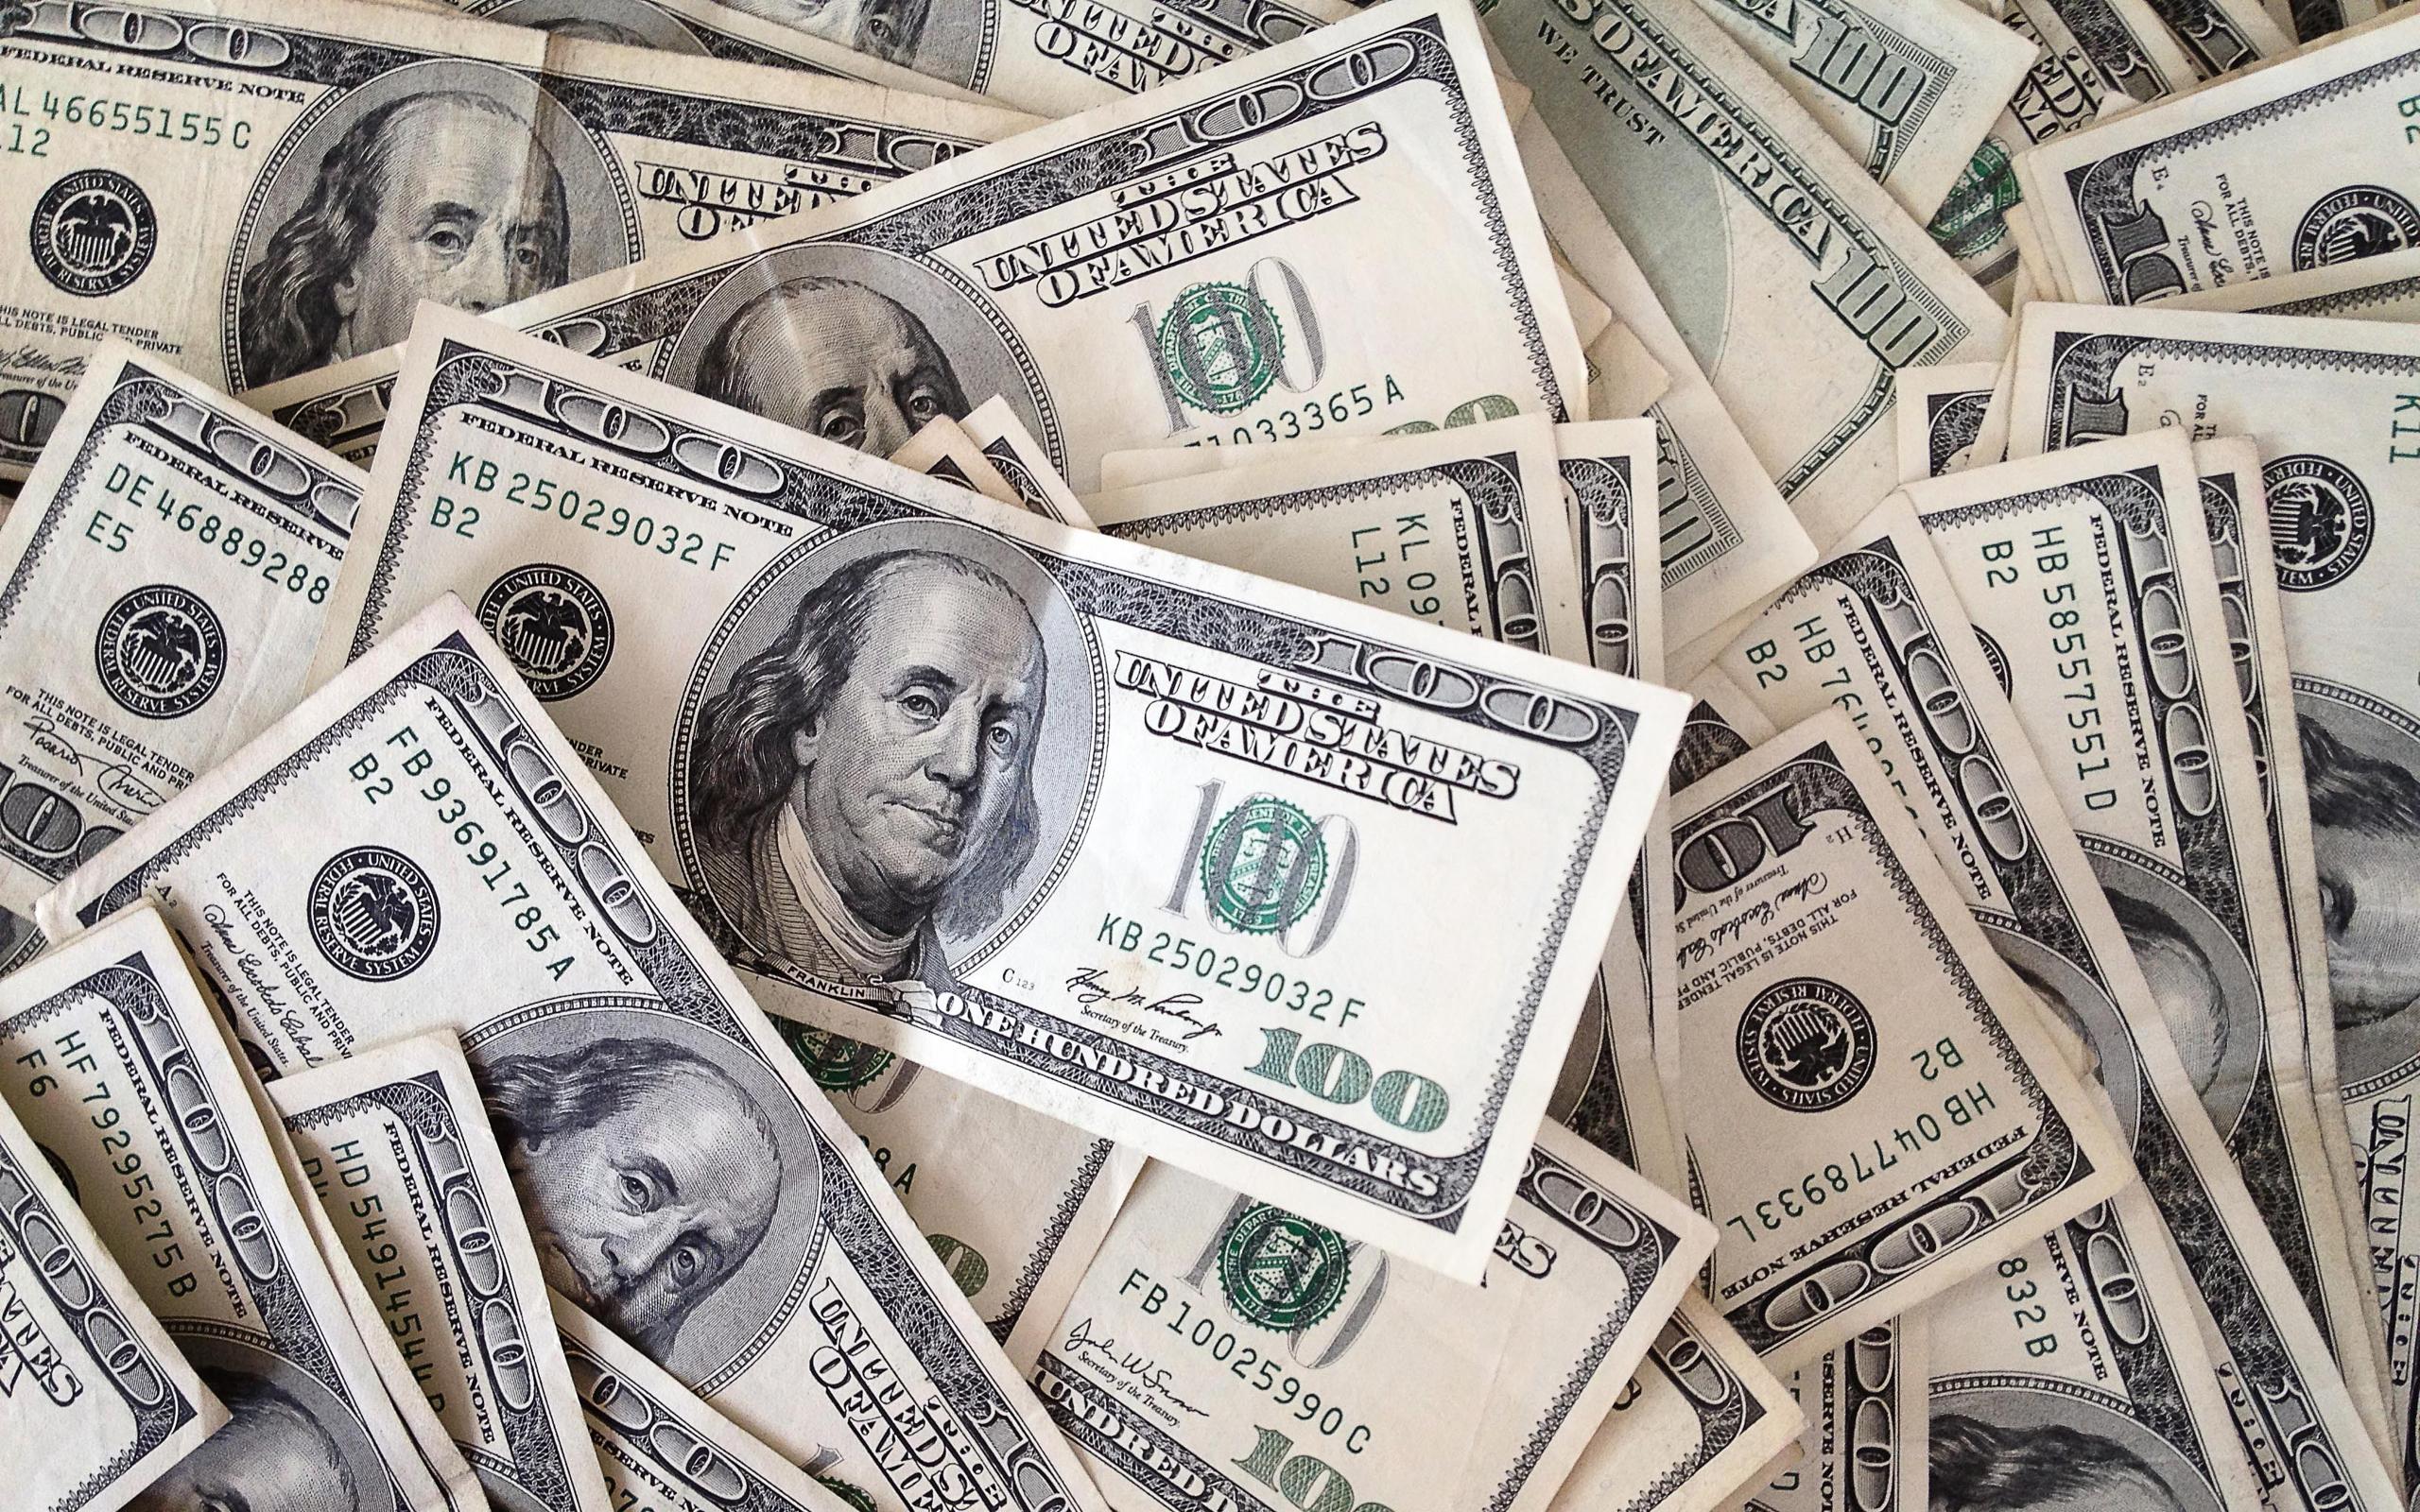 Canadian Dollar; Canadian Dollar; Canadian Dollar; Dollar ...